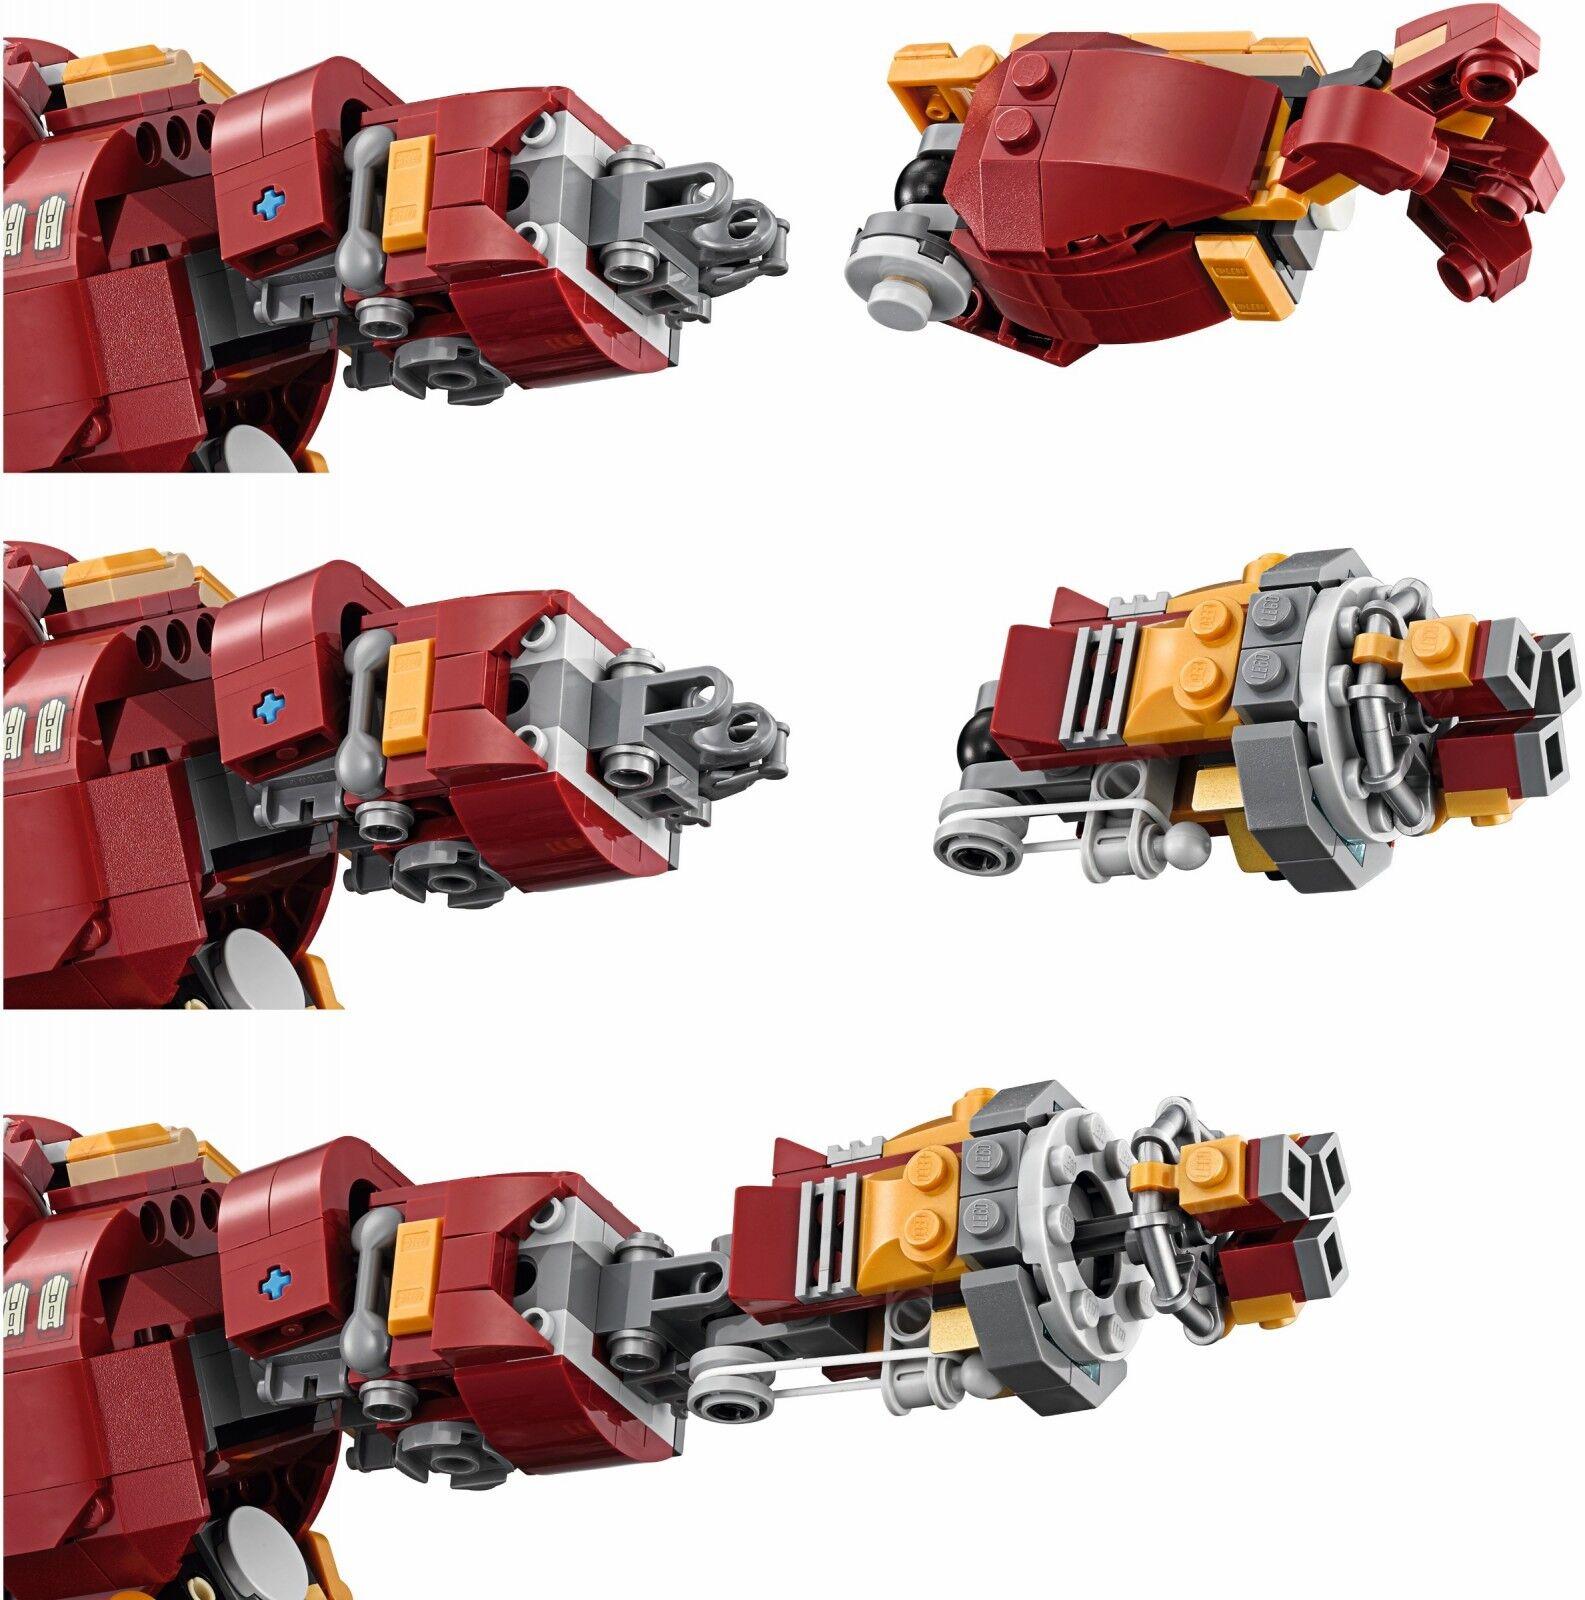 LEGO ® Marvel Marvel Marvel Super Heroes 76105 la Hulkbuster  Ultron Edition NEW NEUF dans sa boîte _ En parfait état, dans sa boîte scellée Boîte d'origine jamais ouverte fa74df